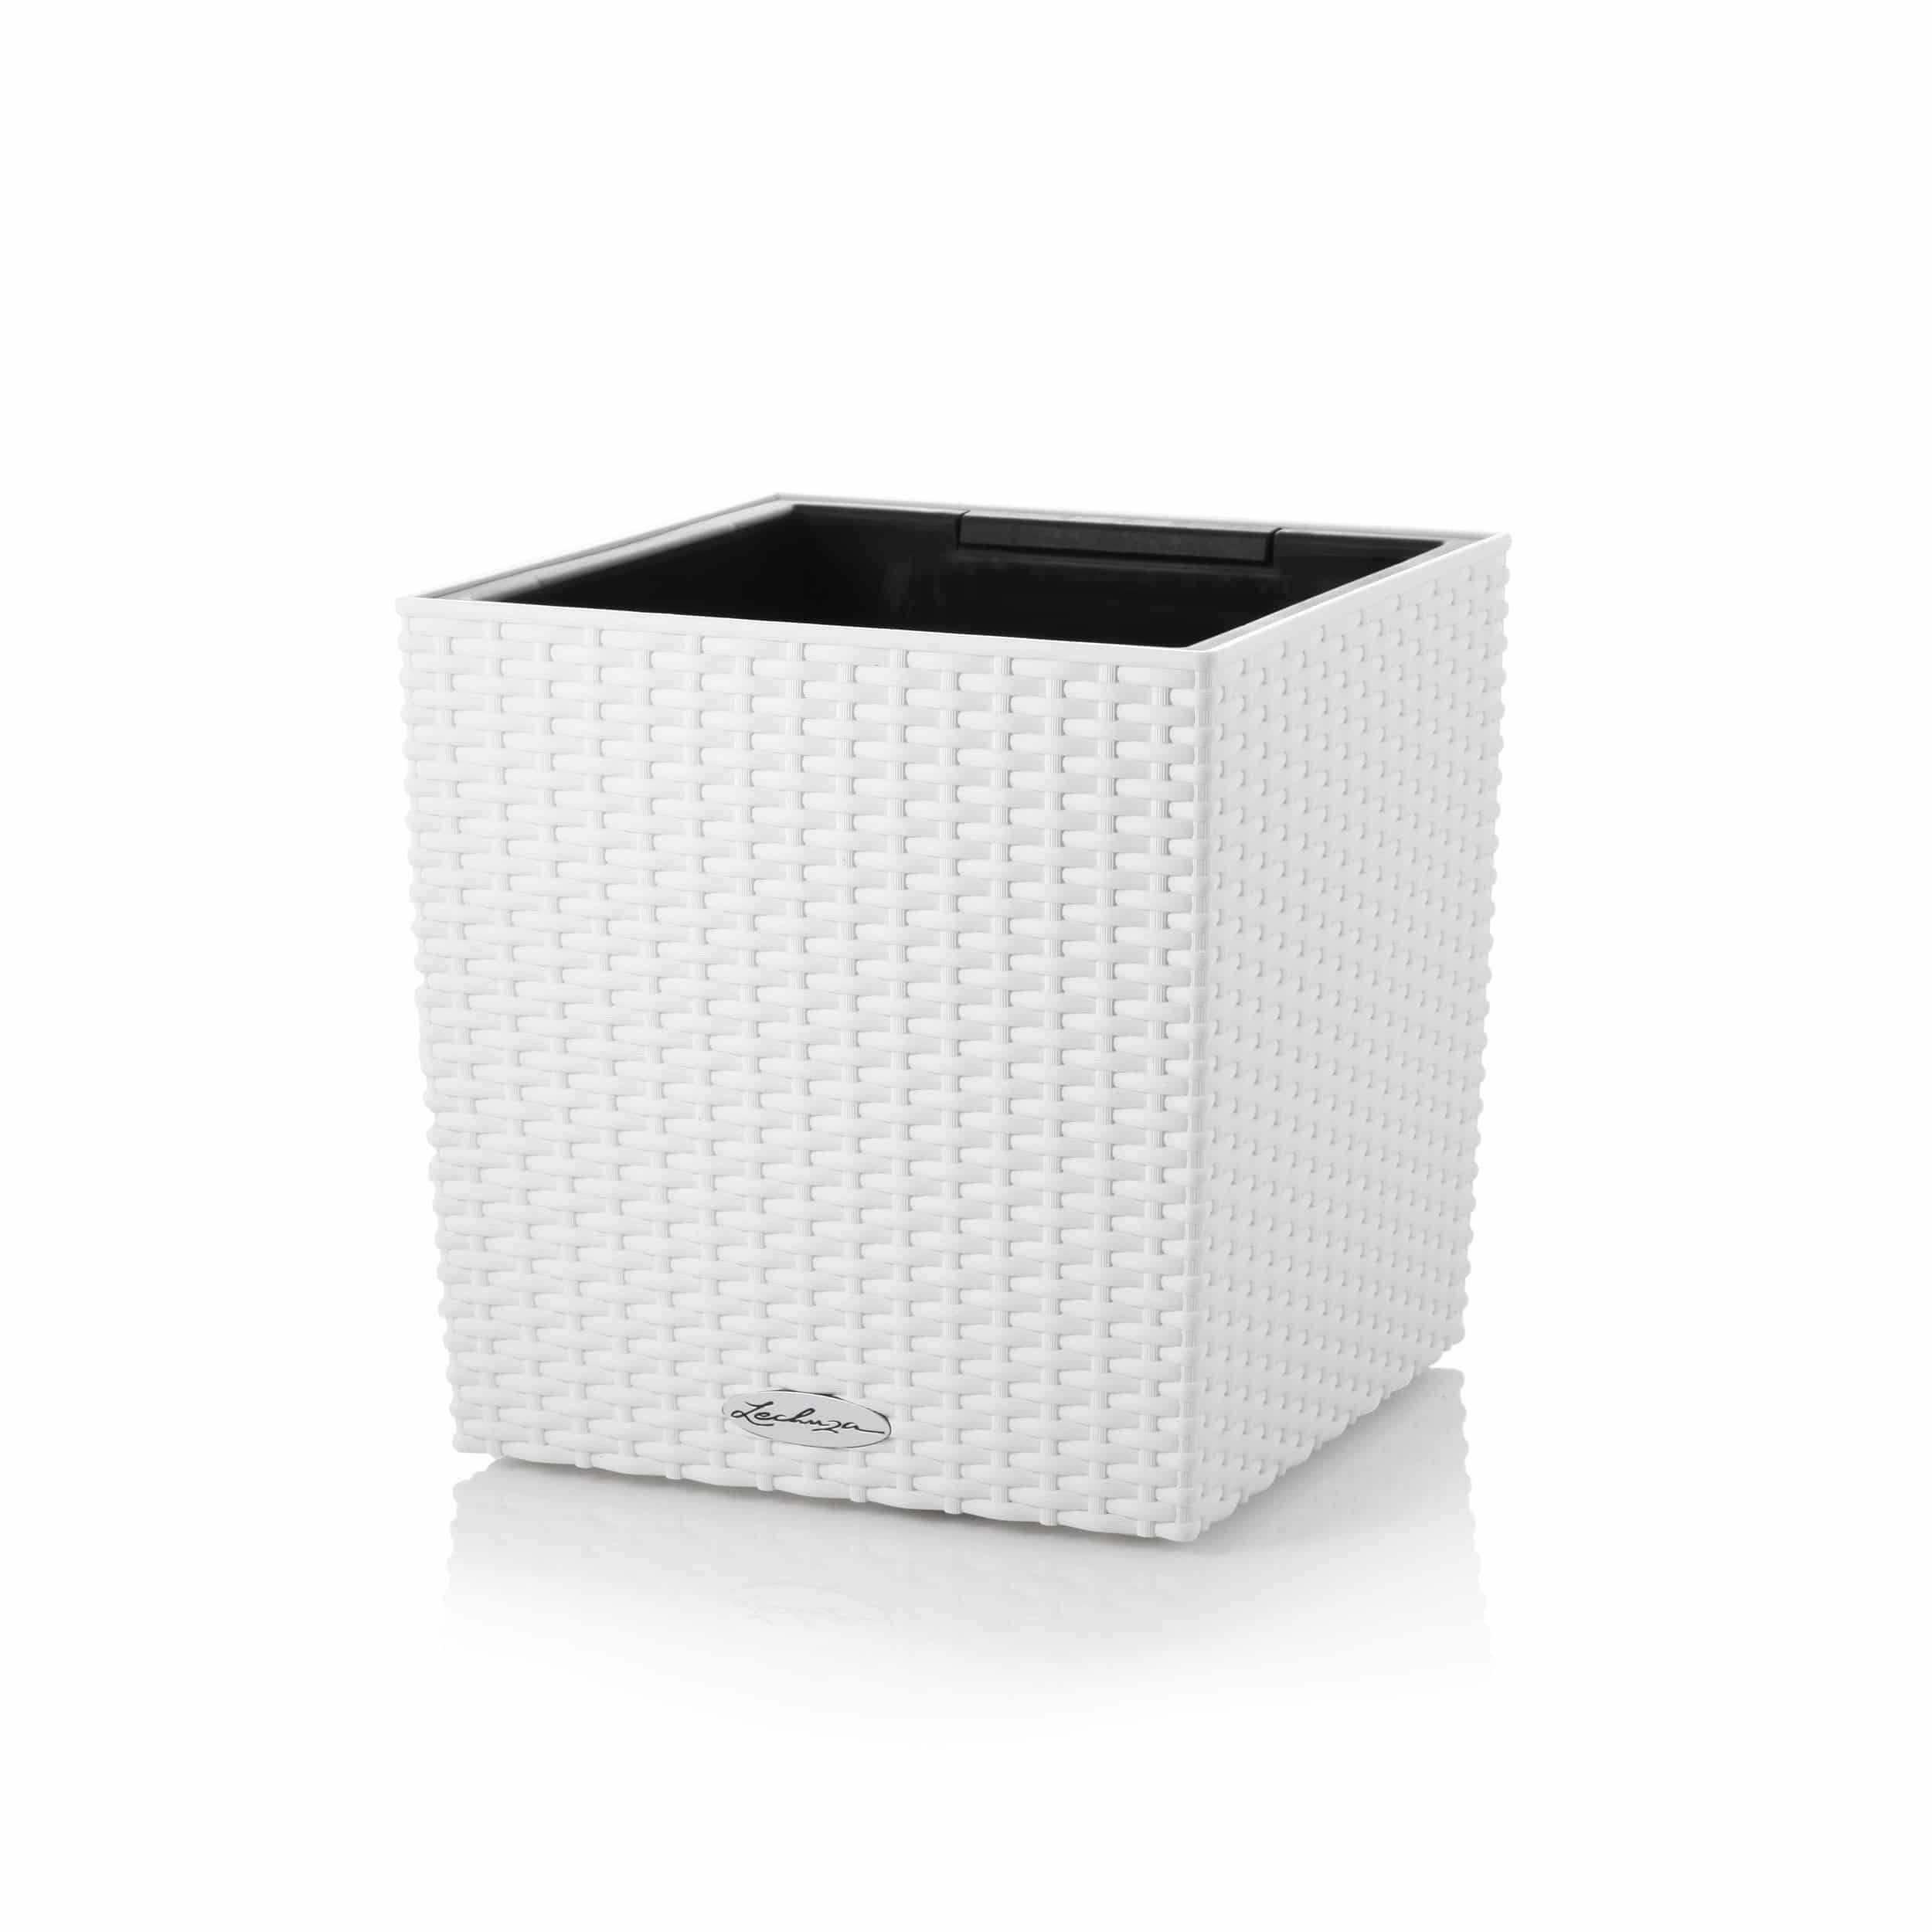 Blumenkübel Cube Cottage 30 All-in-One Set L30cm weiß